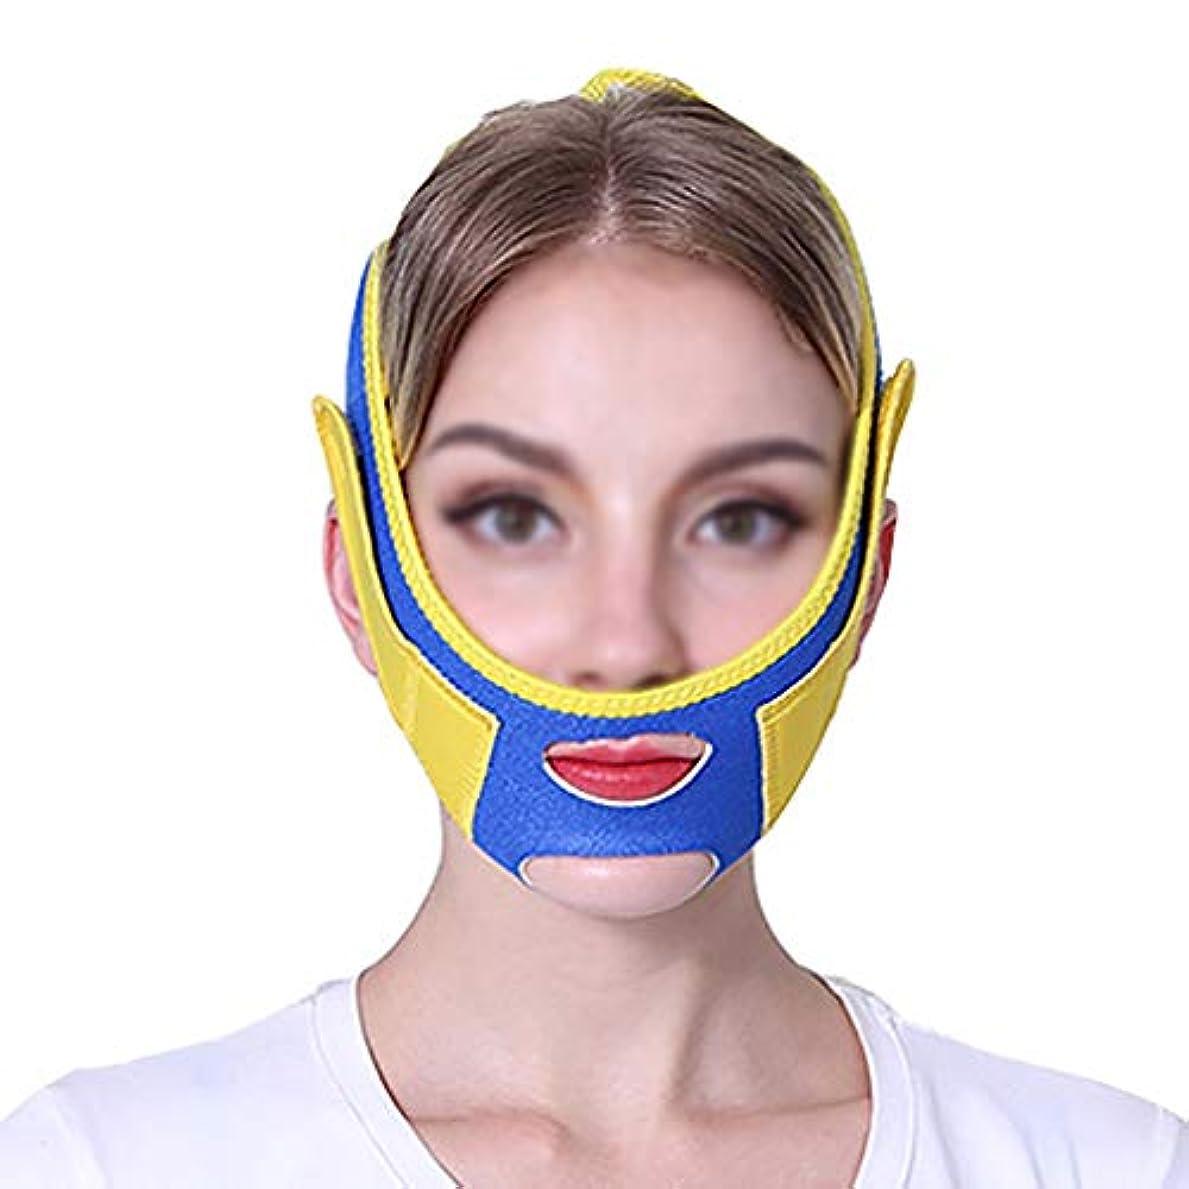 津波リママートGLJJQMY ファーミングマスクスモールvフェイスアーティファクトリフティングマスクフェイスリフティングフェイスリフティングマスクファーミングクリームフェイシャルリフティング包帯 顔用整形マスク